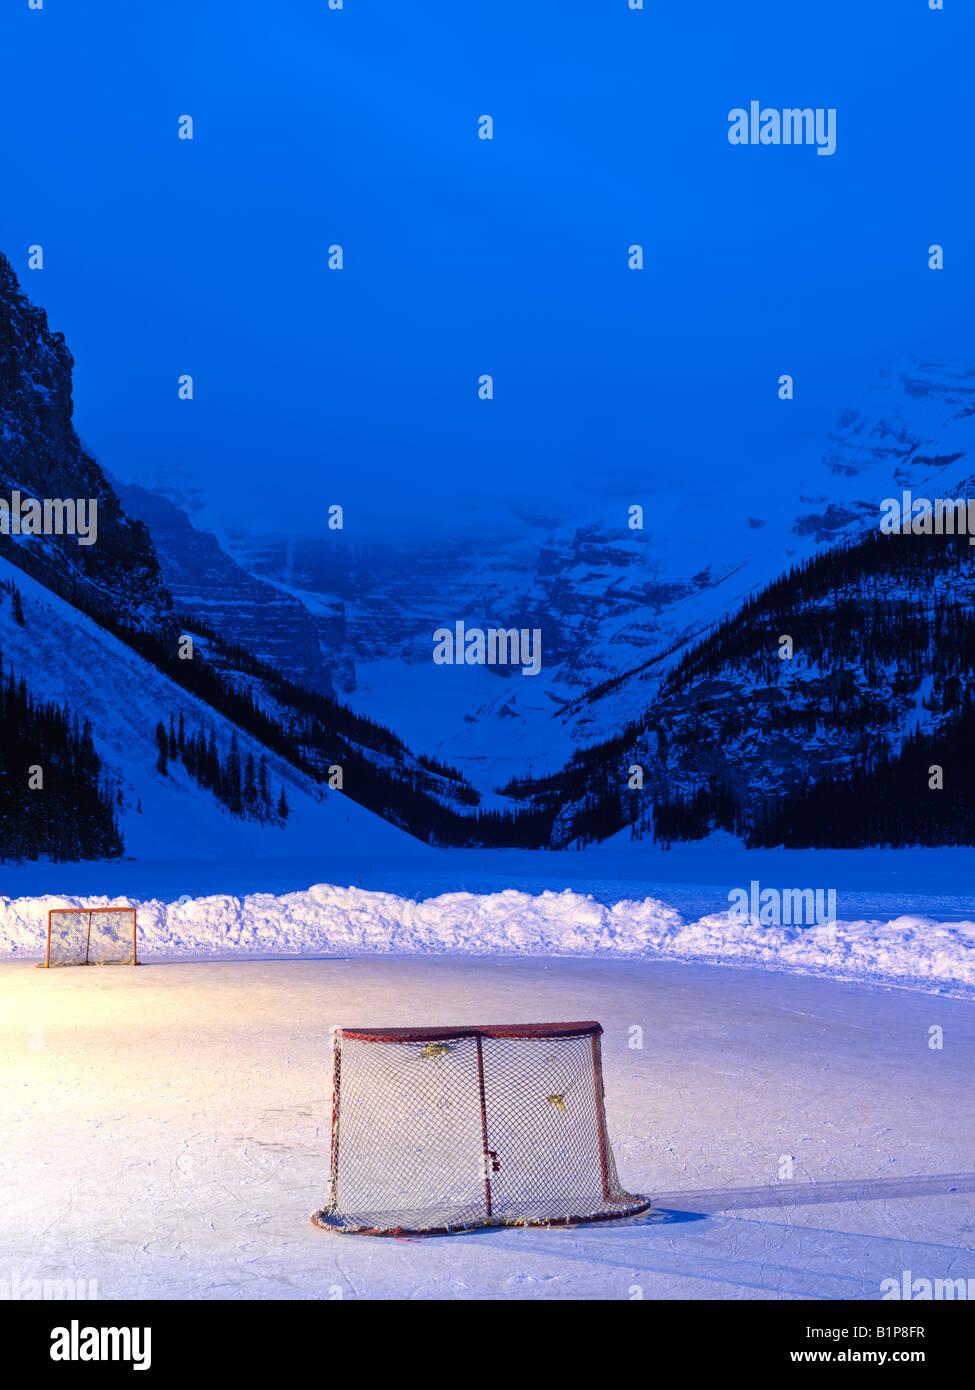 Canada Alberta Banff National Park Lake Louise pista di pattinaggio su ghiaccio con reti di hockey sul lago ghiacciato Immagini Stock